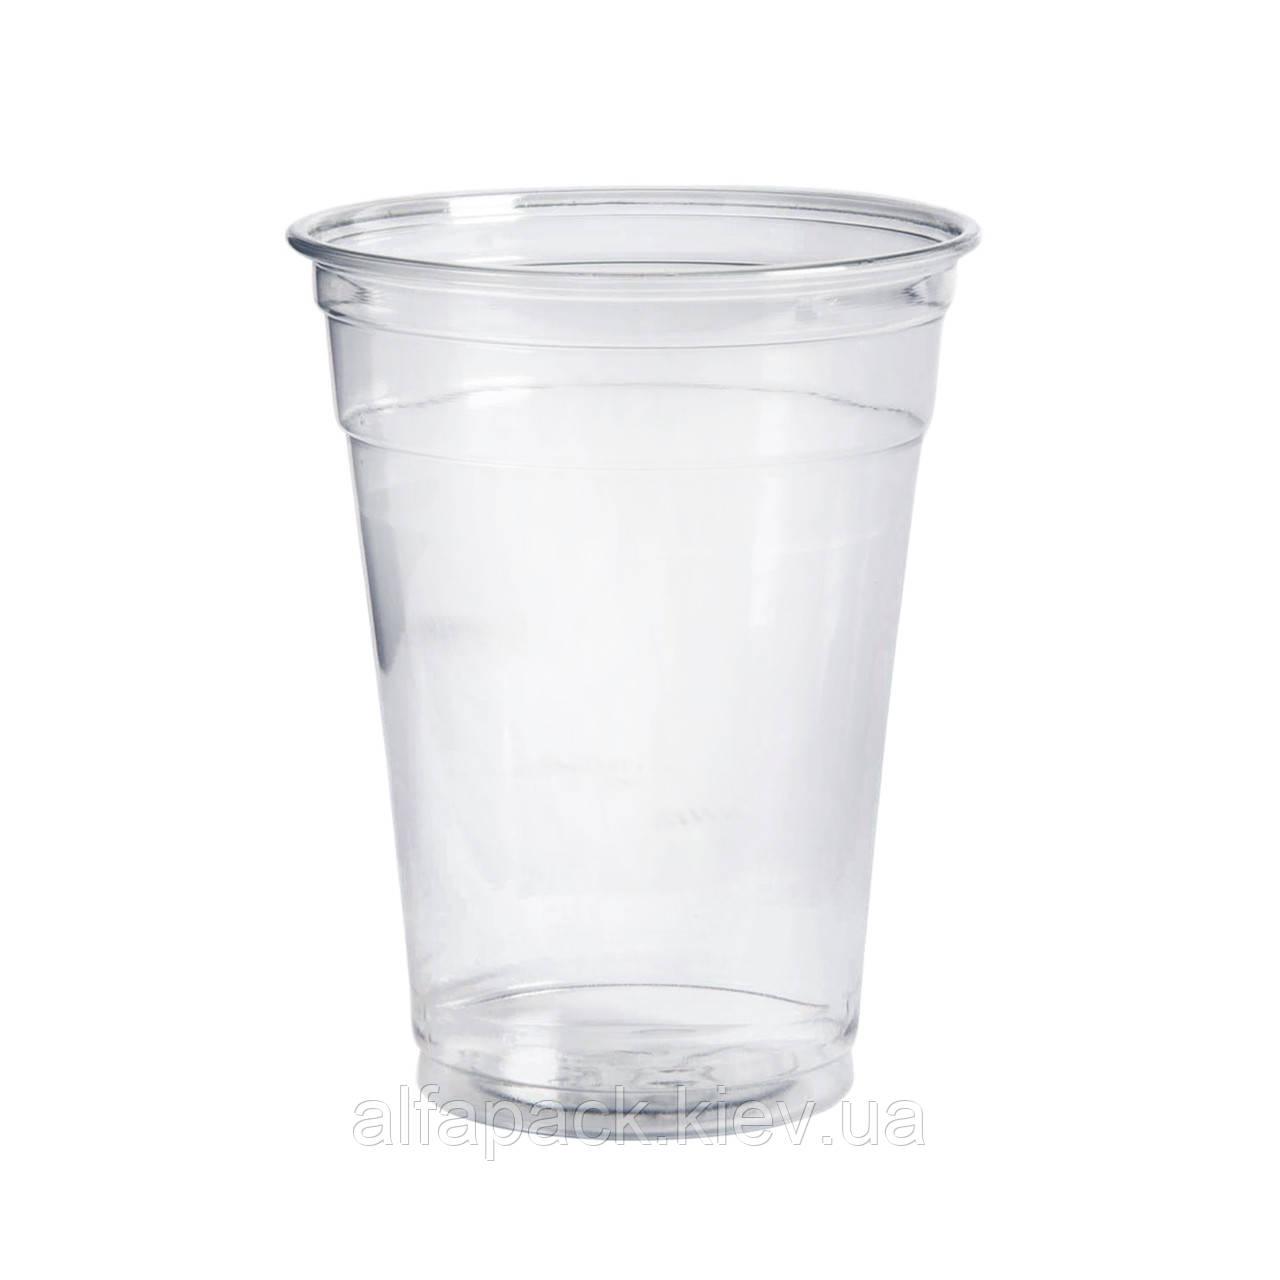 Стакан пластиковый прозрачный 400 мл